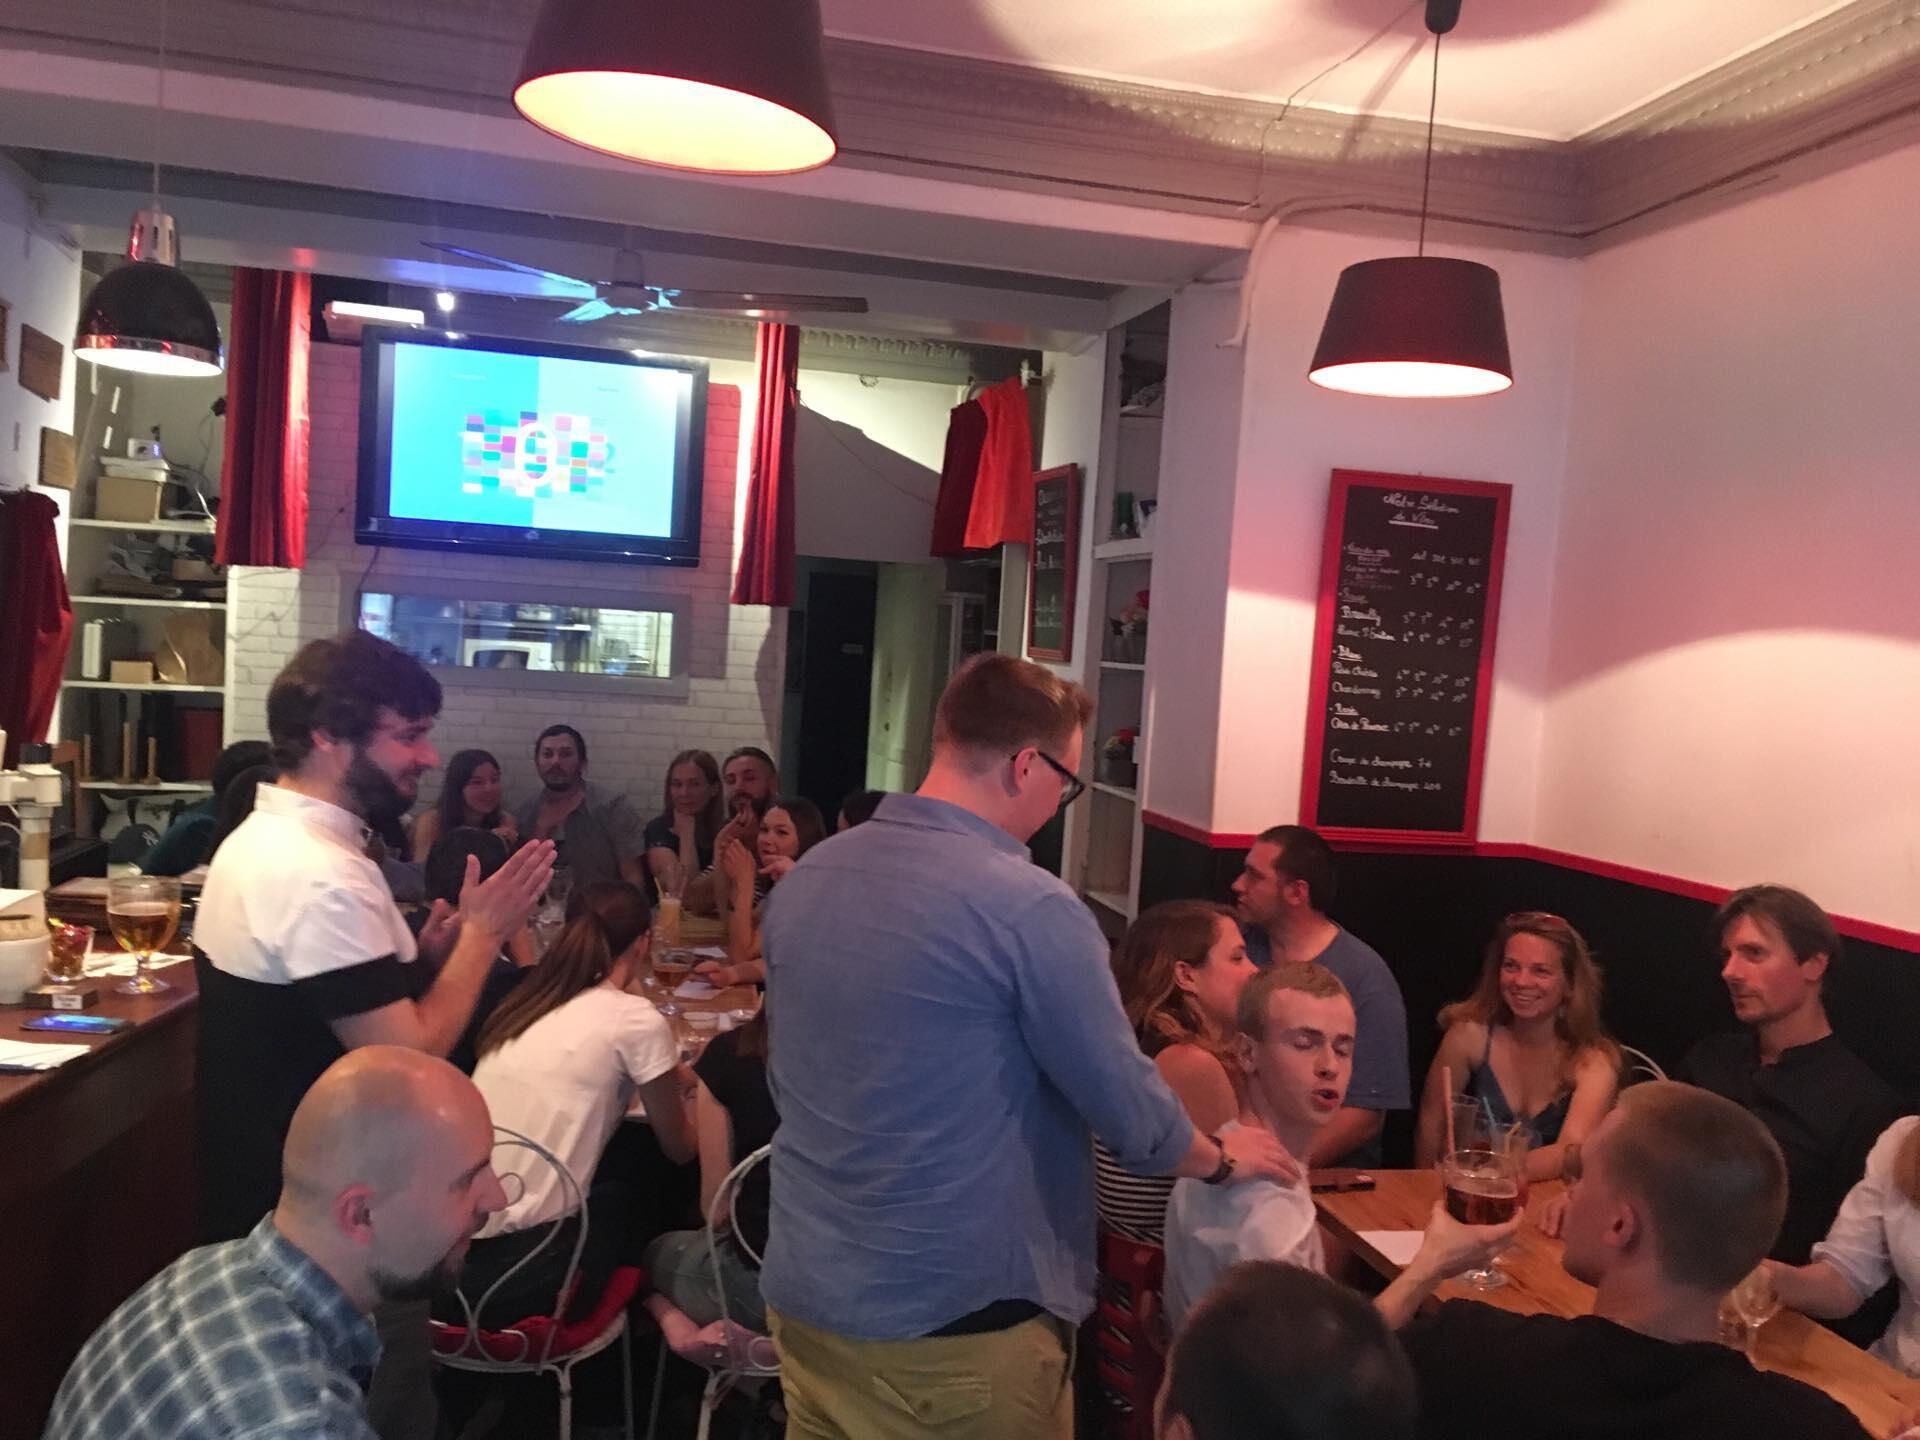 «Ламповые» игры проходят в кафе, на них приходят по 30-40 человек